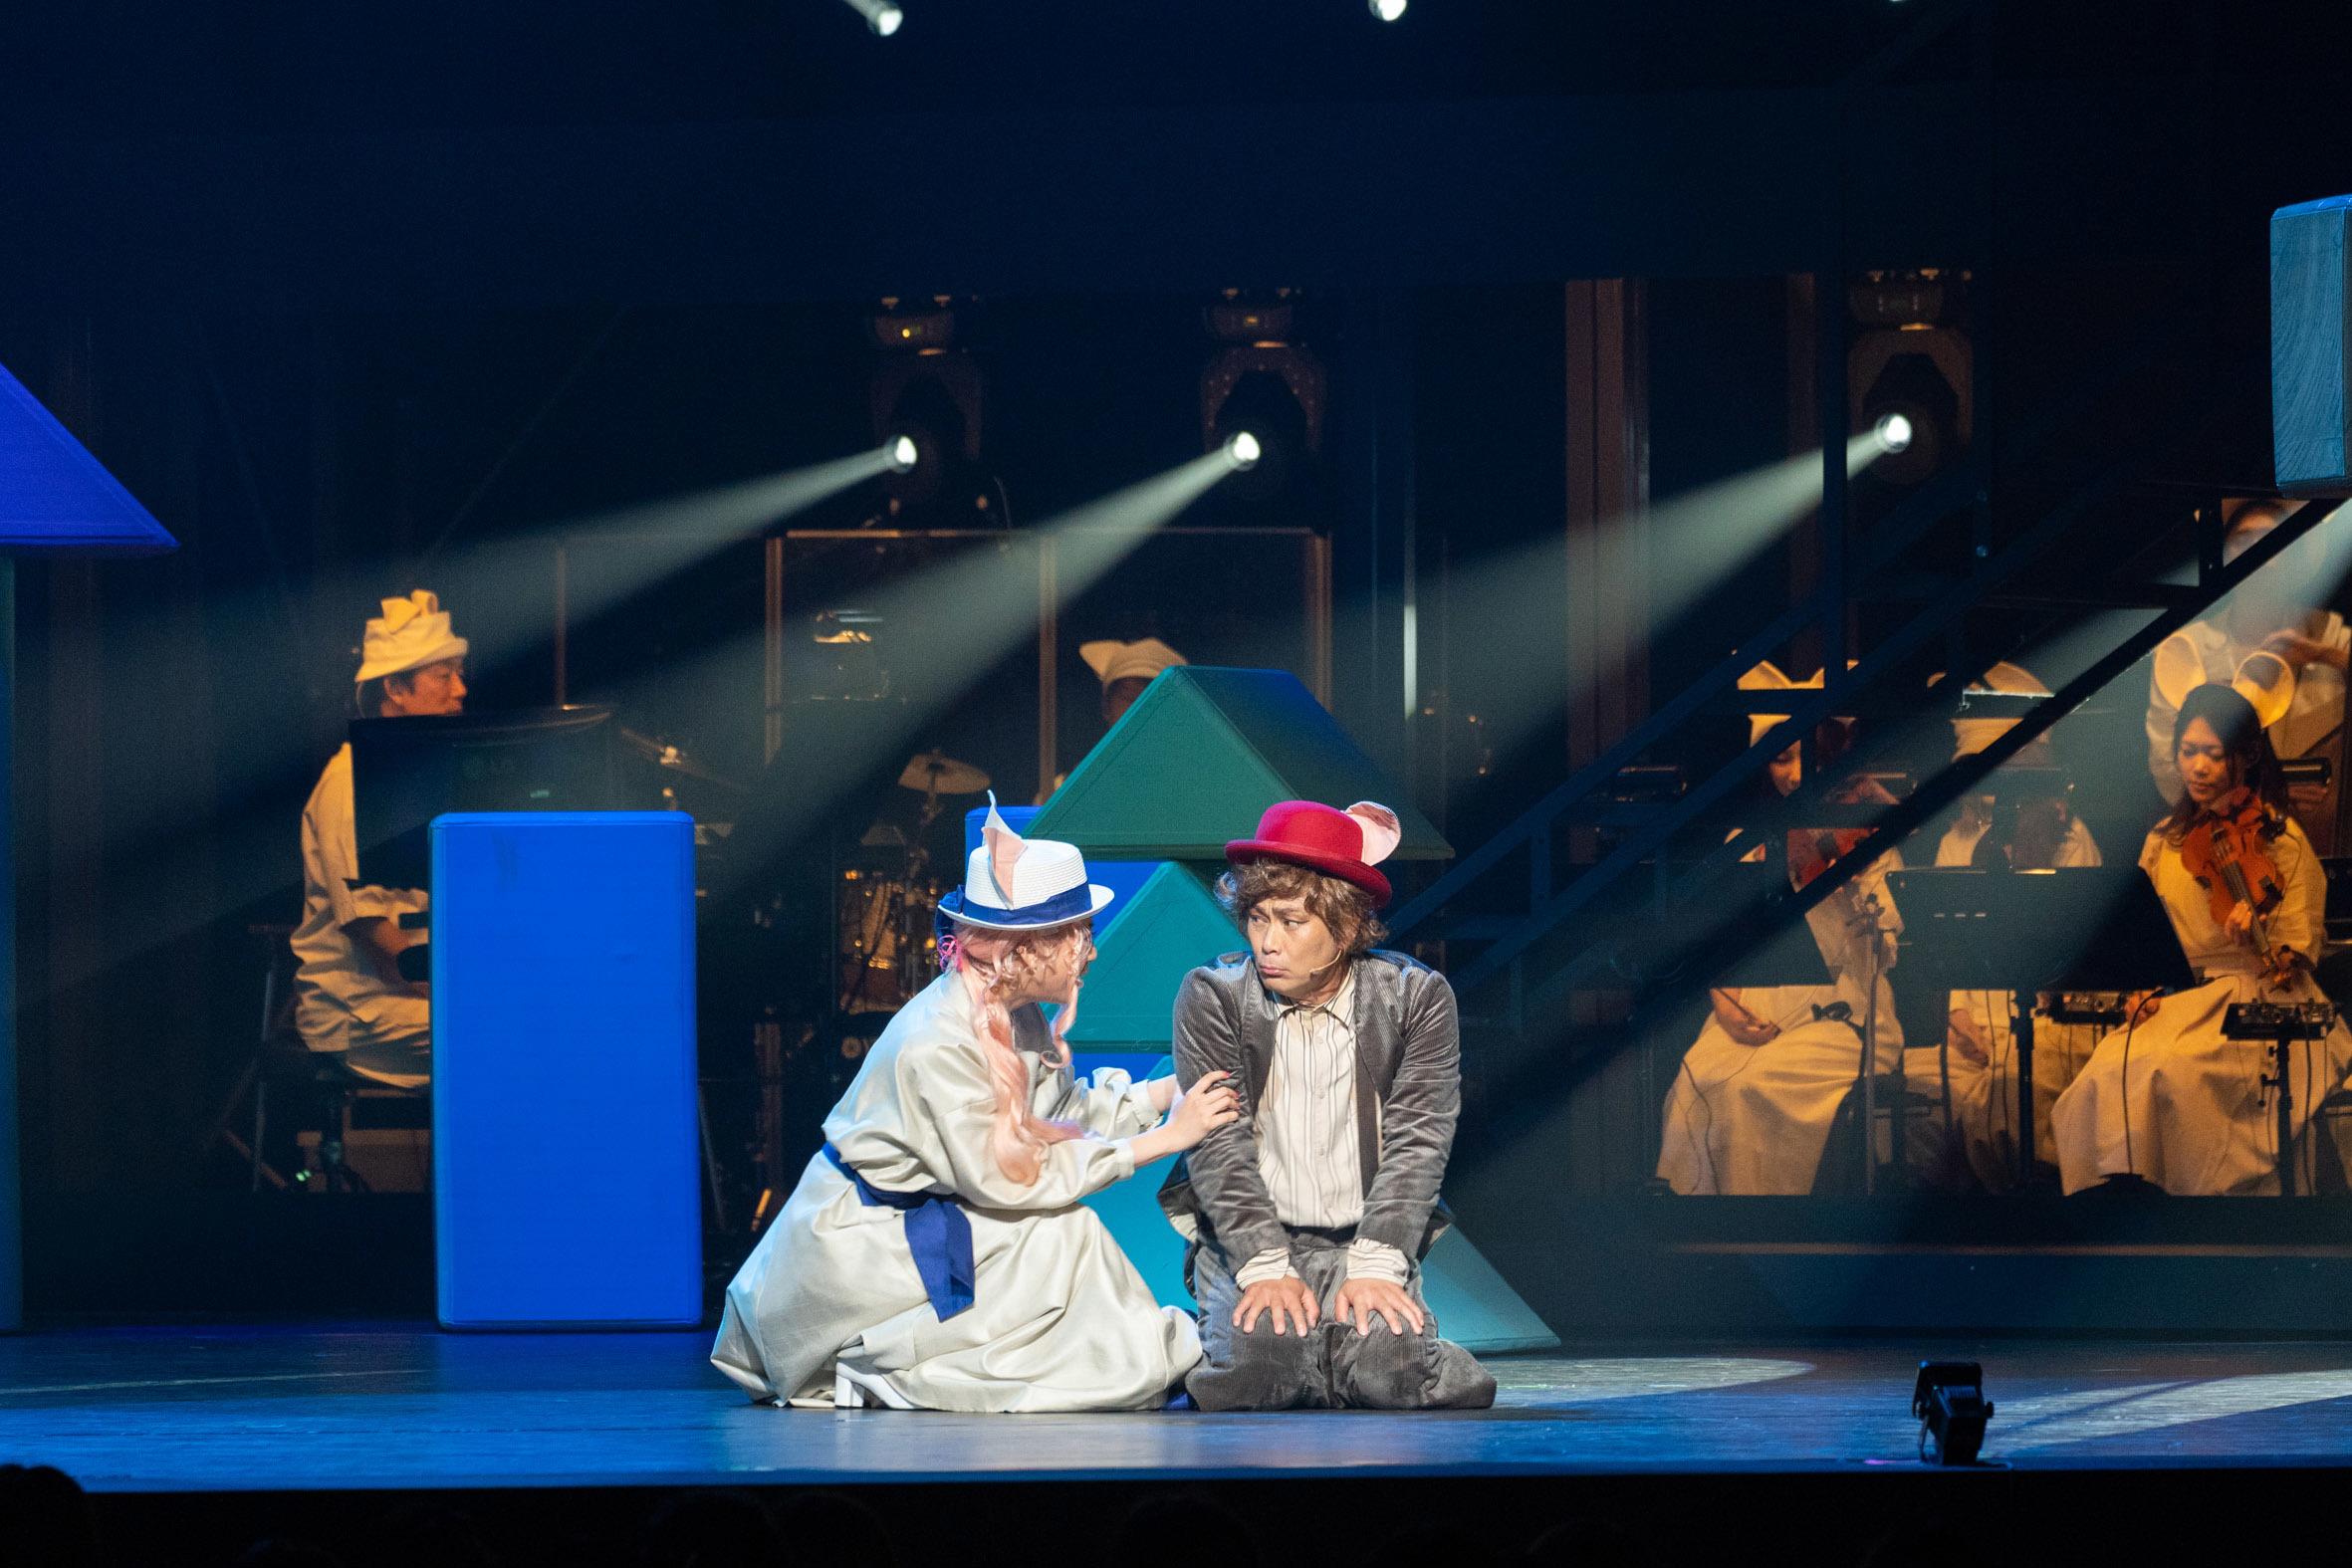 音楽劇『トムとジェリー 夢よもう一度』 オフィシャル提供